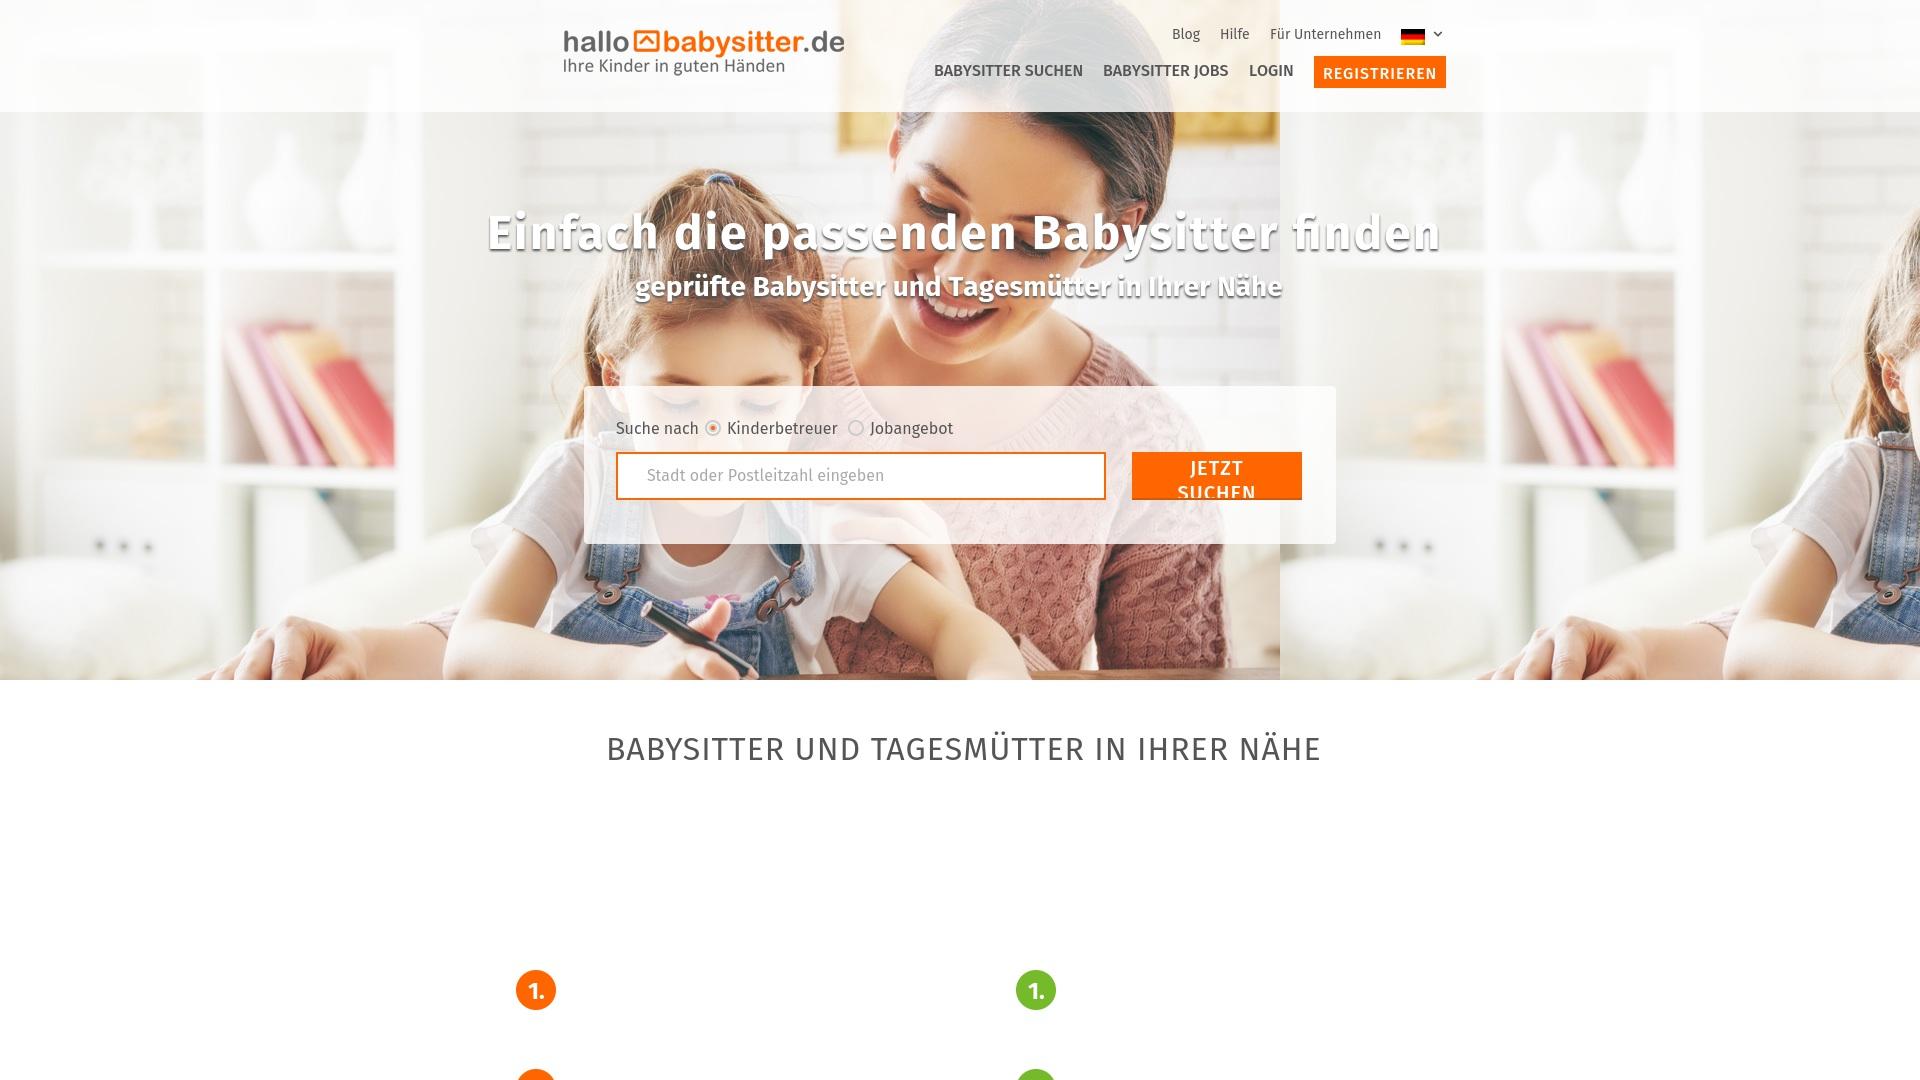 Gutschein für Hallobabysitter: Rabatte für  Hallobabysitter sichern